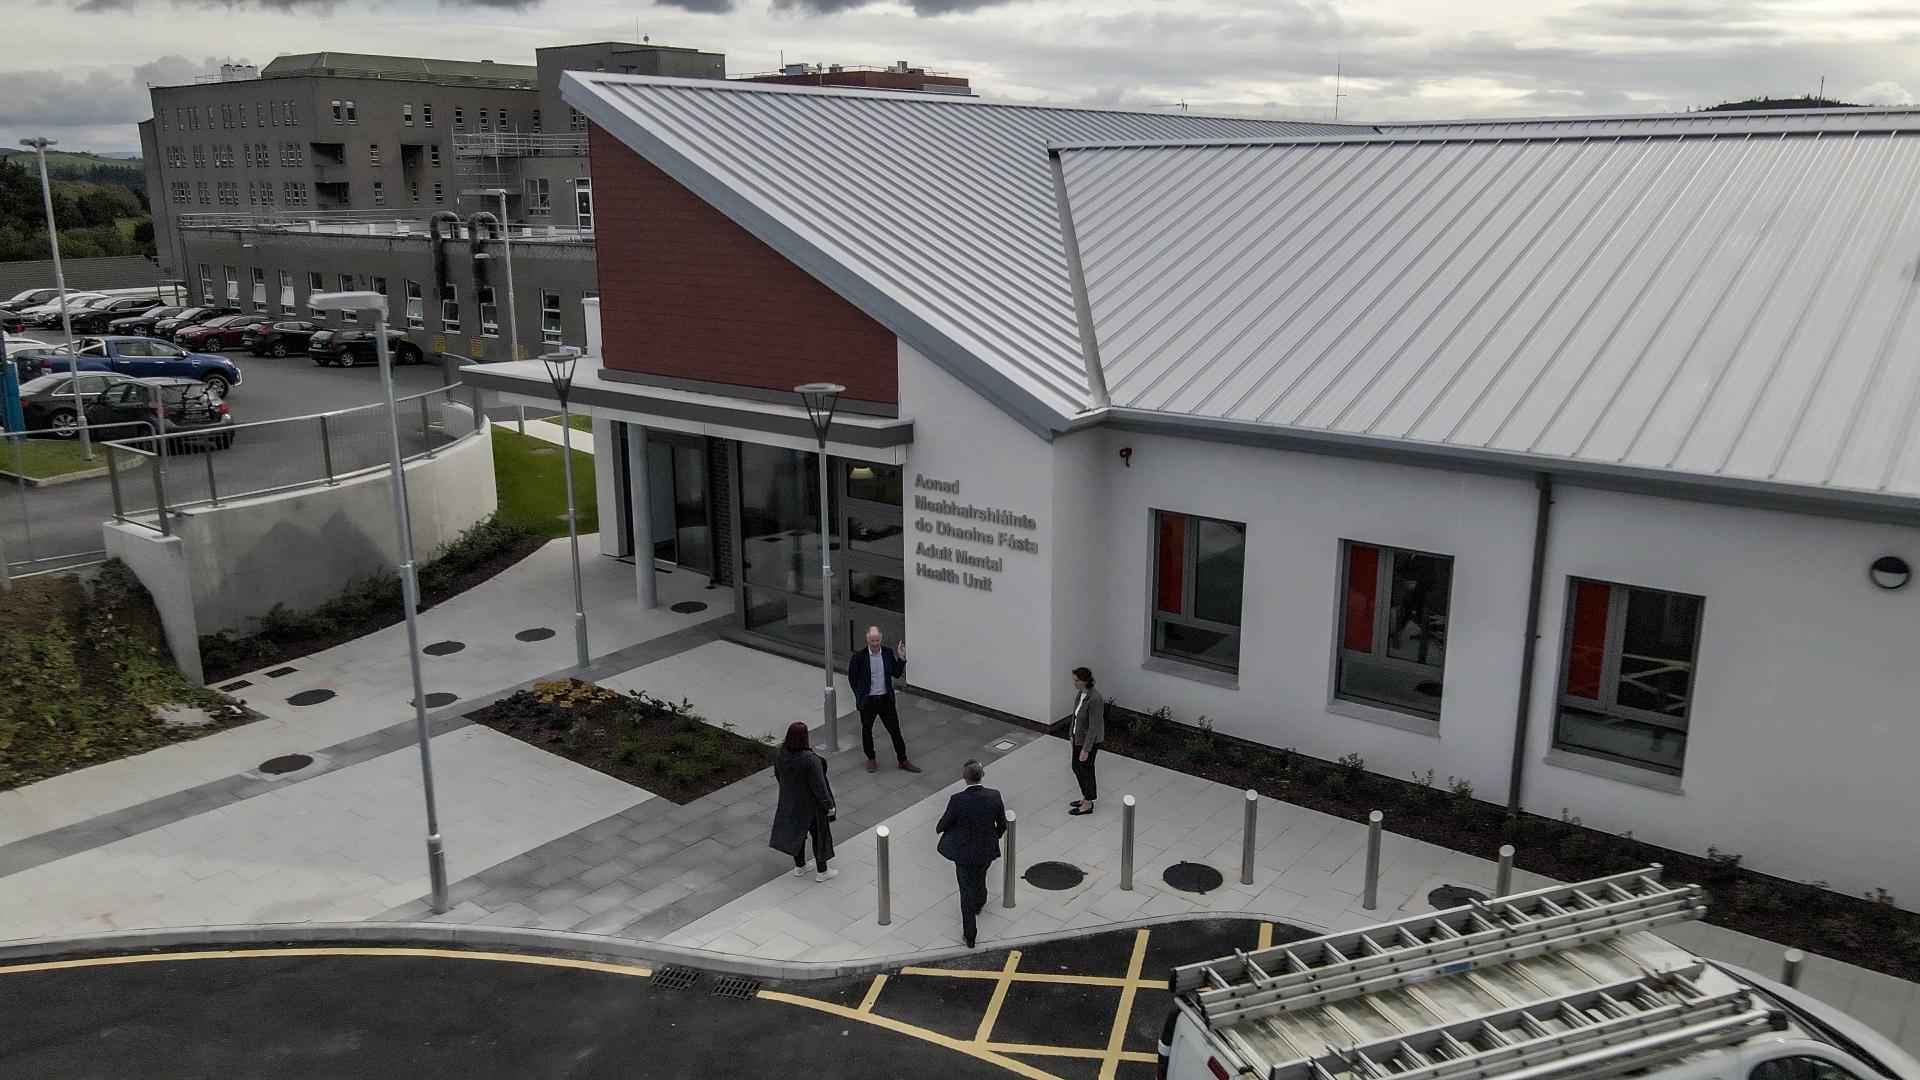 Sligo Leitrim Mental Heal Unit